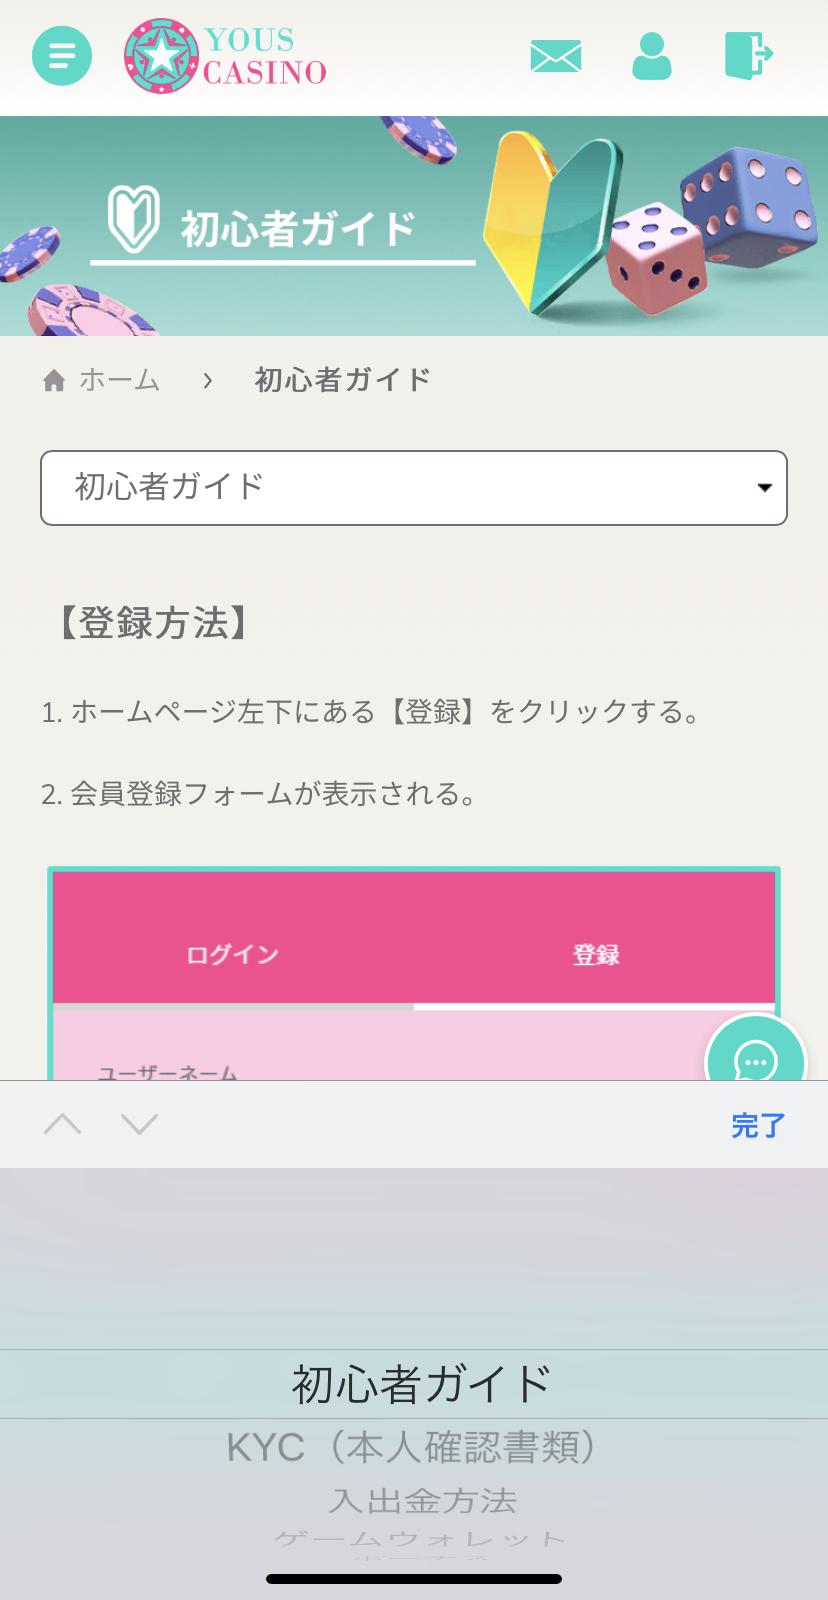 ユースカジノ 初心者ガイド